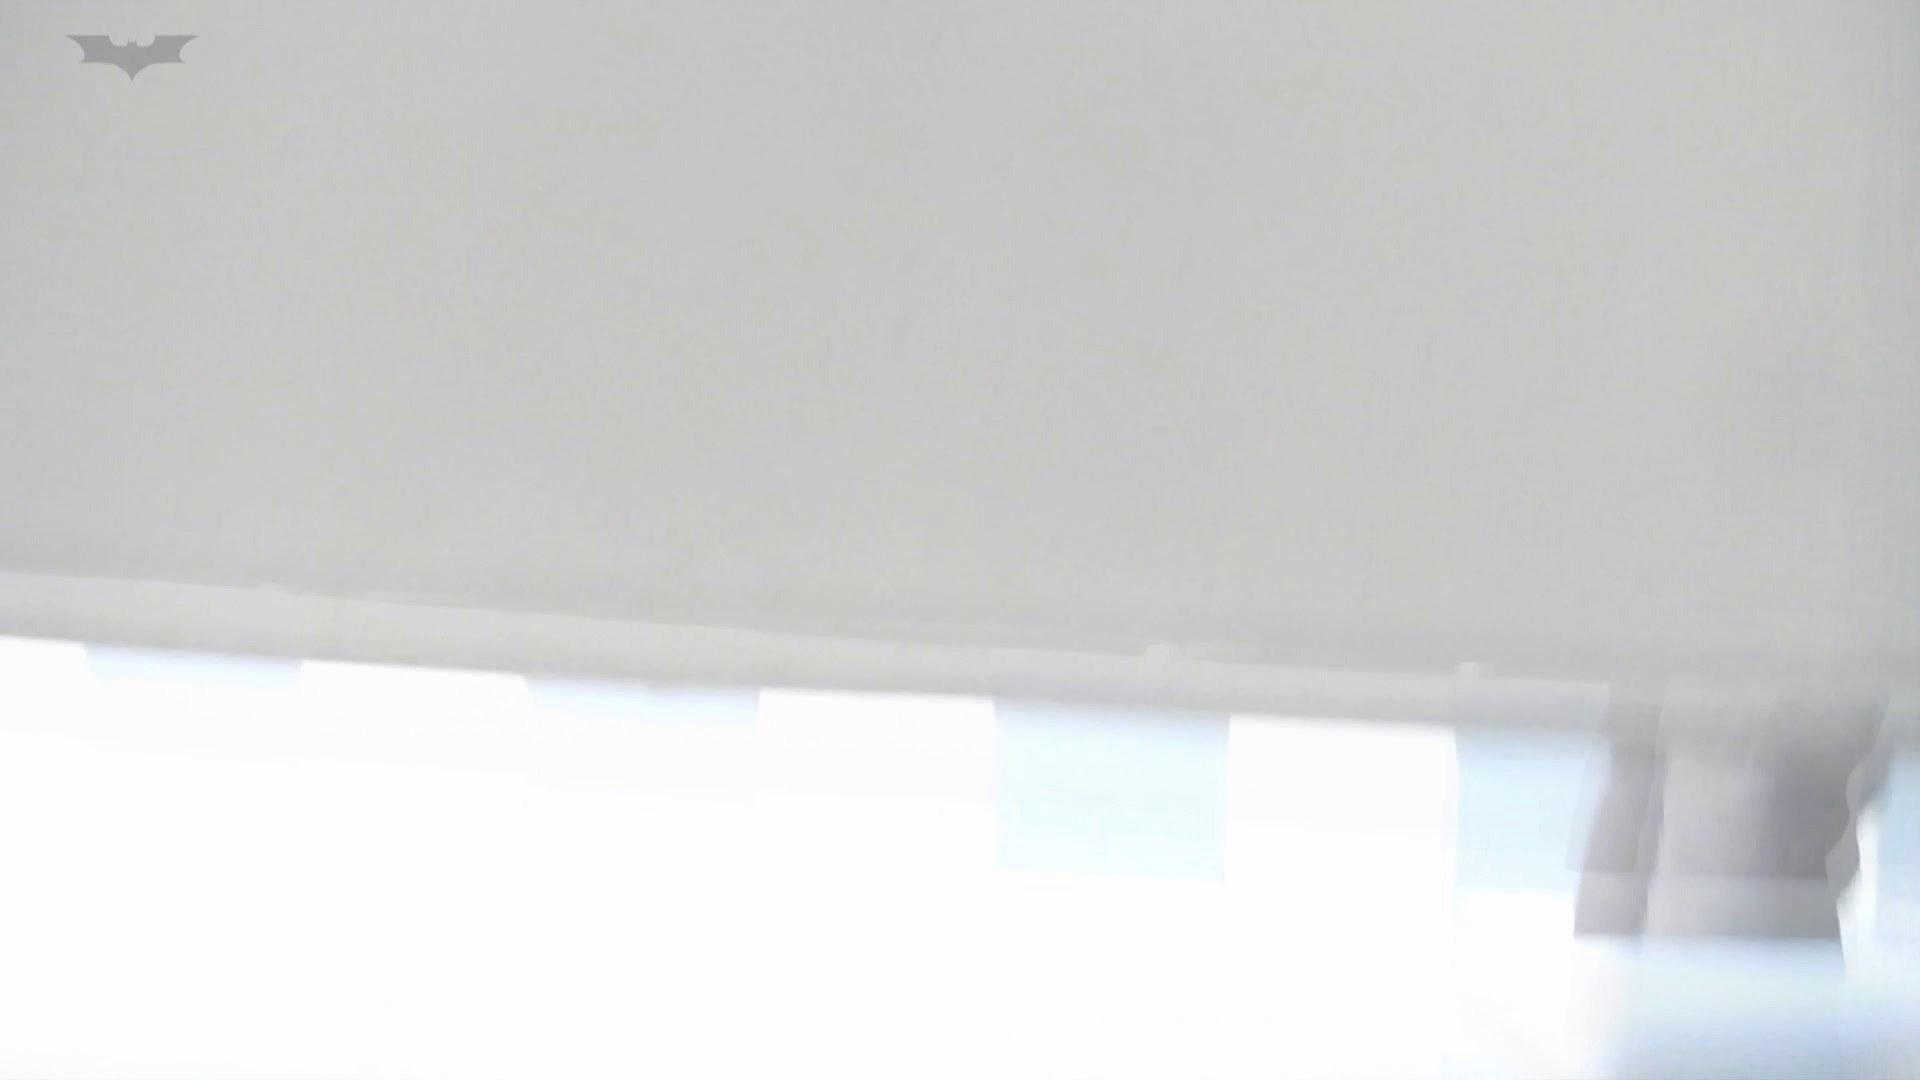 なんだこれVol.13今まで一番の美女と美マン登場!! 潜入 オメコ無修正動画無料 108画像 86